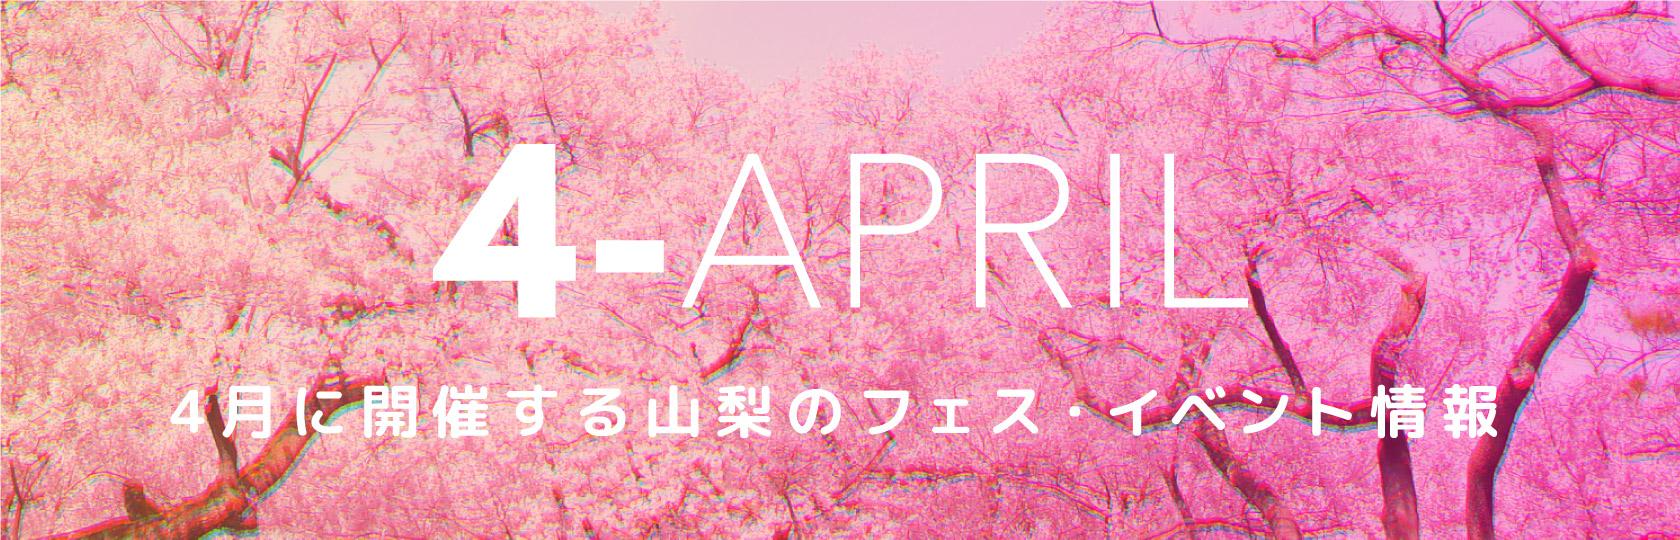 4月に開催する山梨のフェス・イベント情報